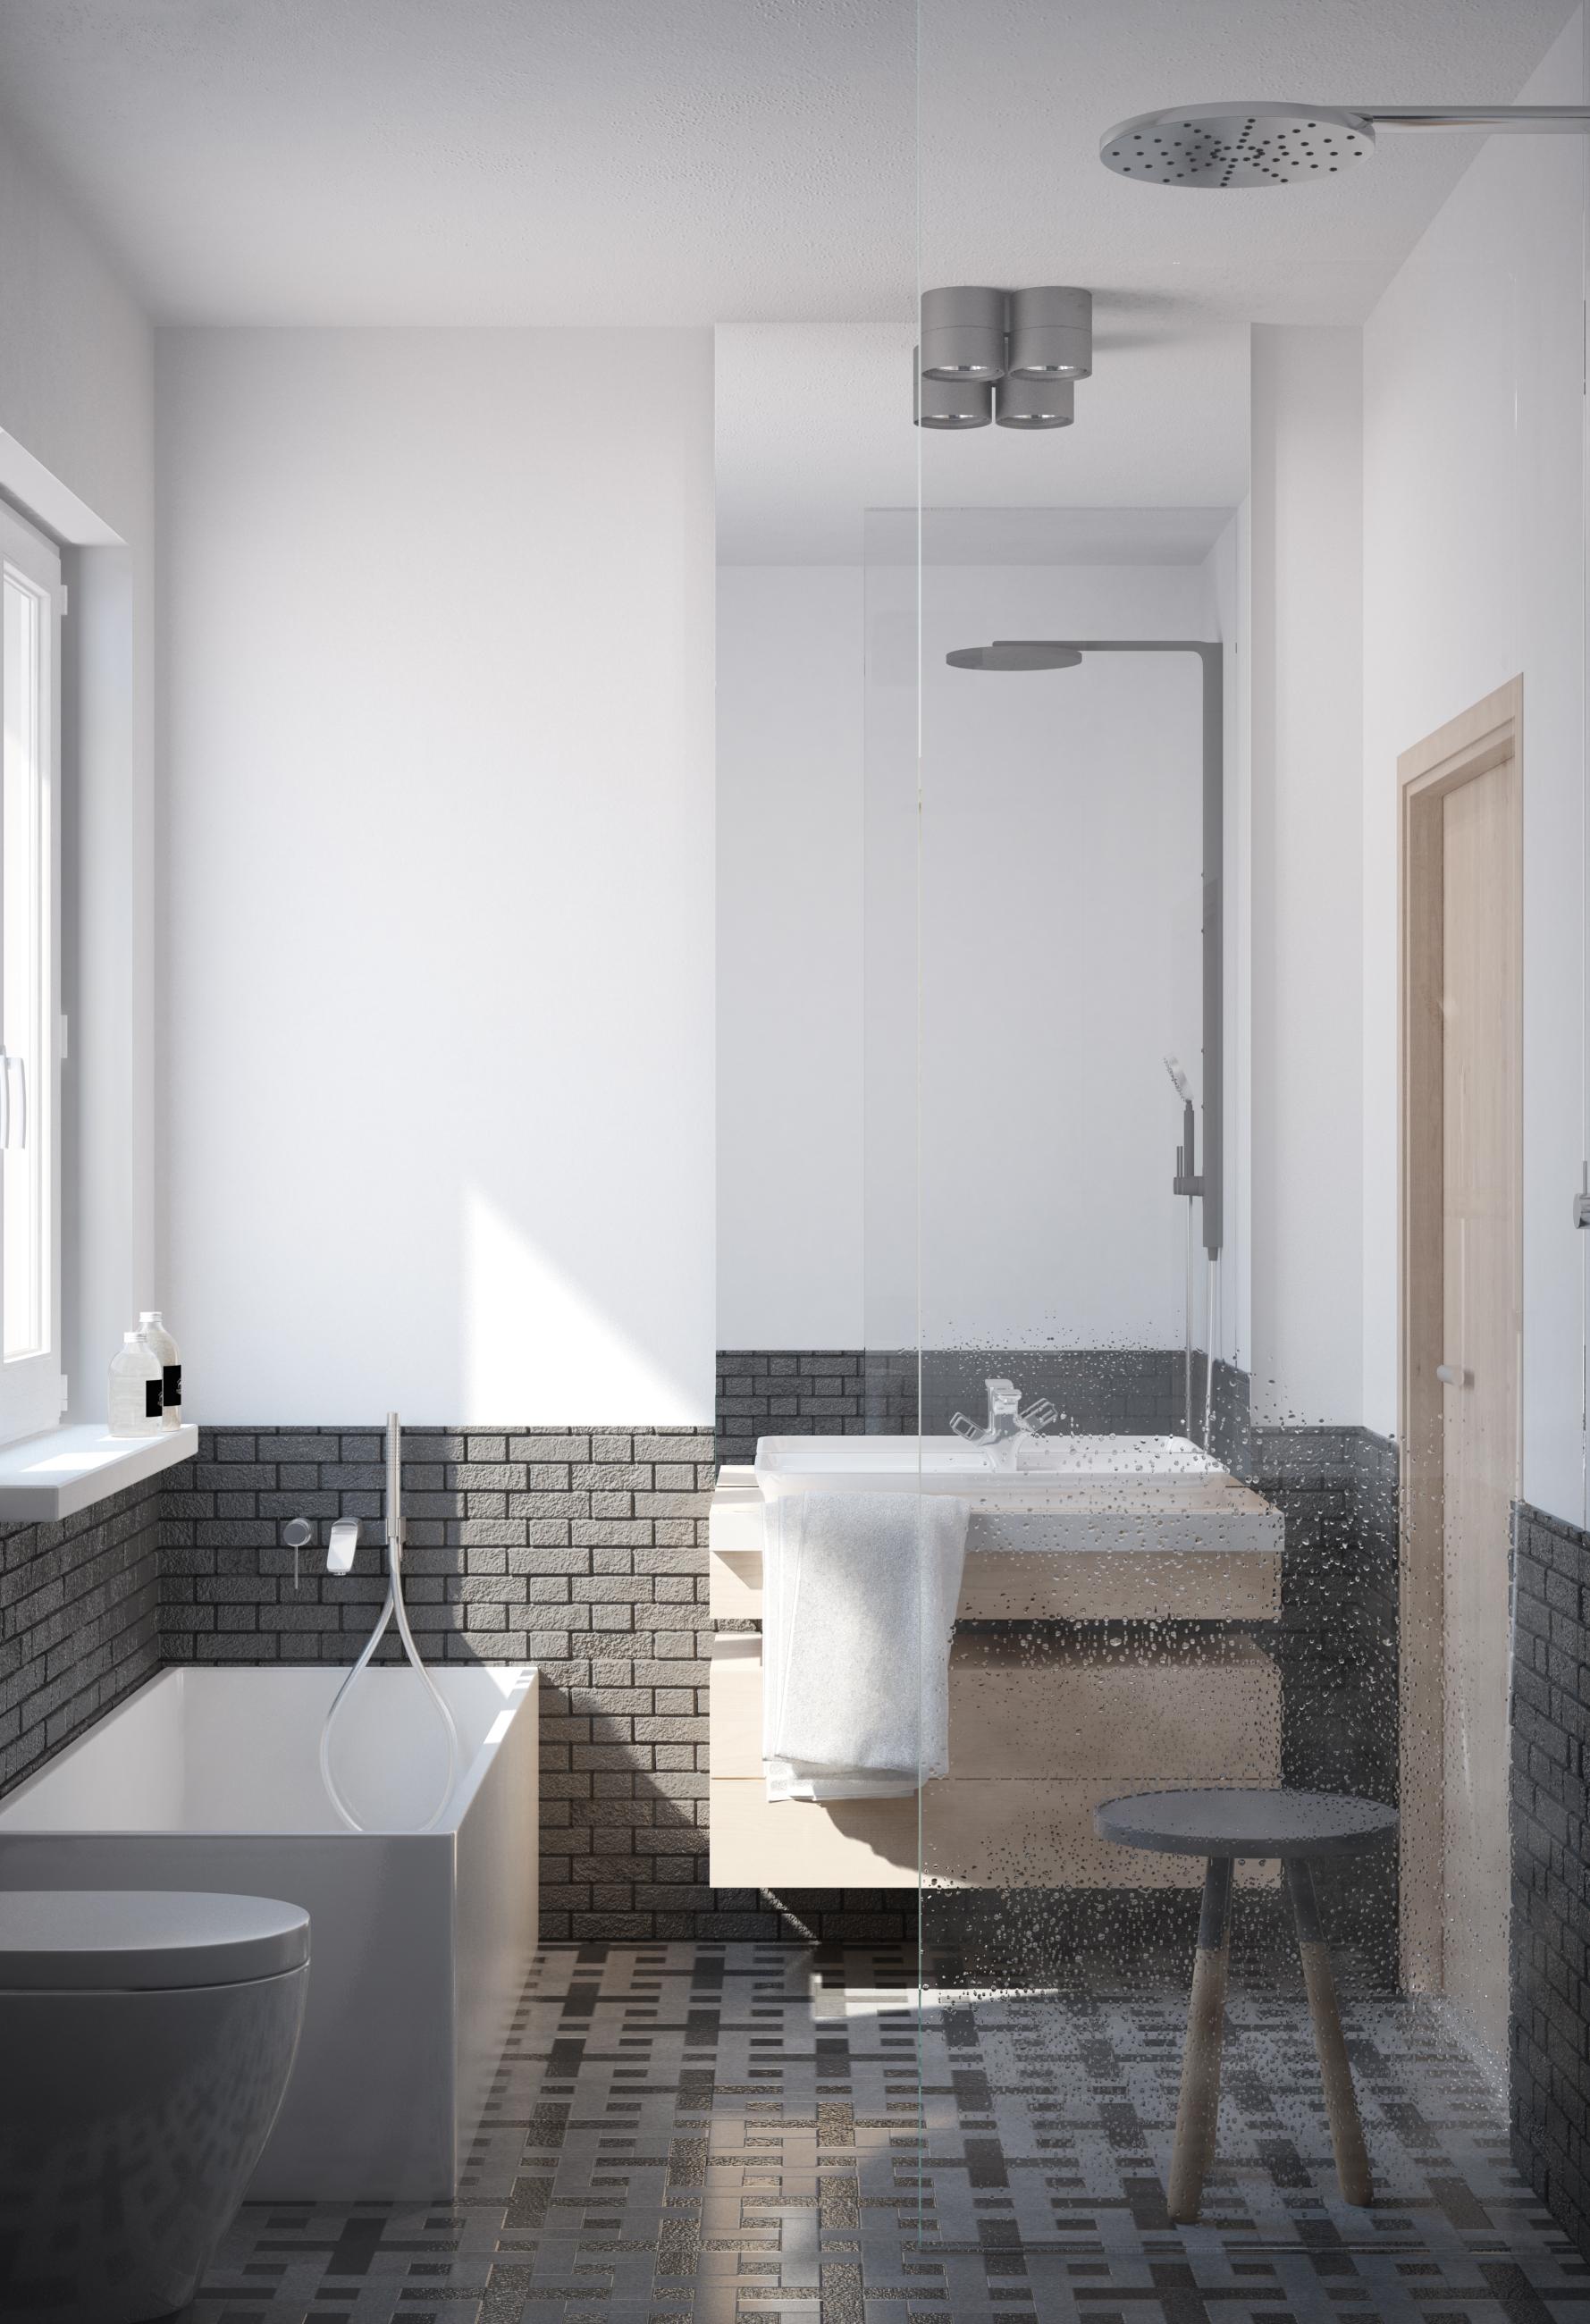 Wizualizacja mieszkanie developerskie Utrecht łazienka